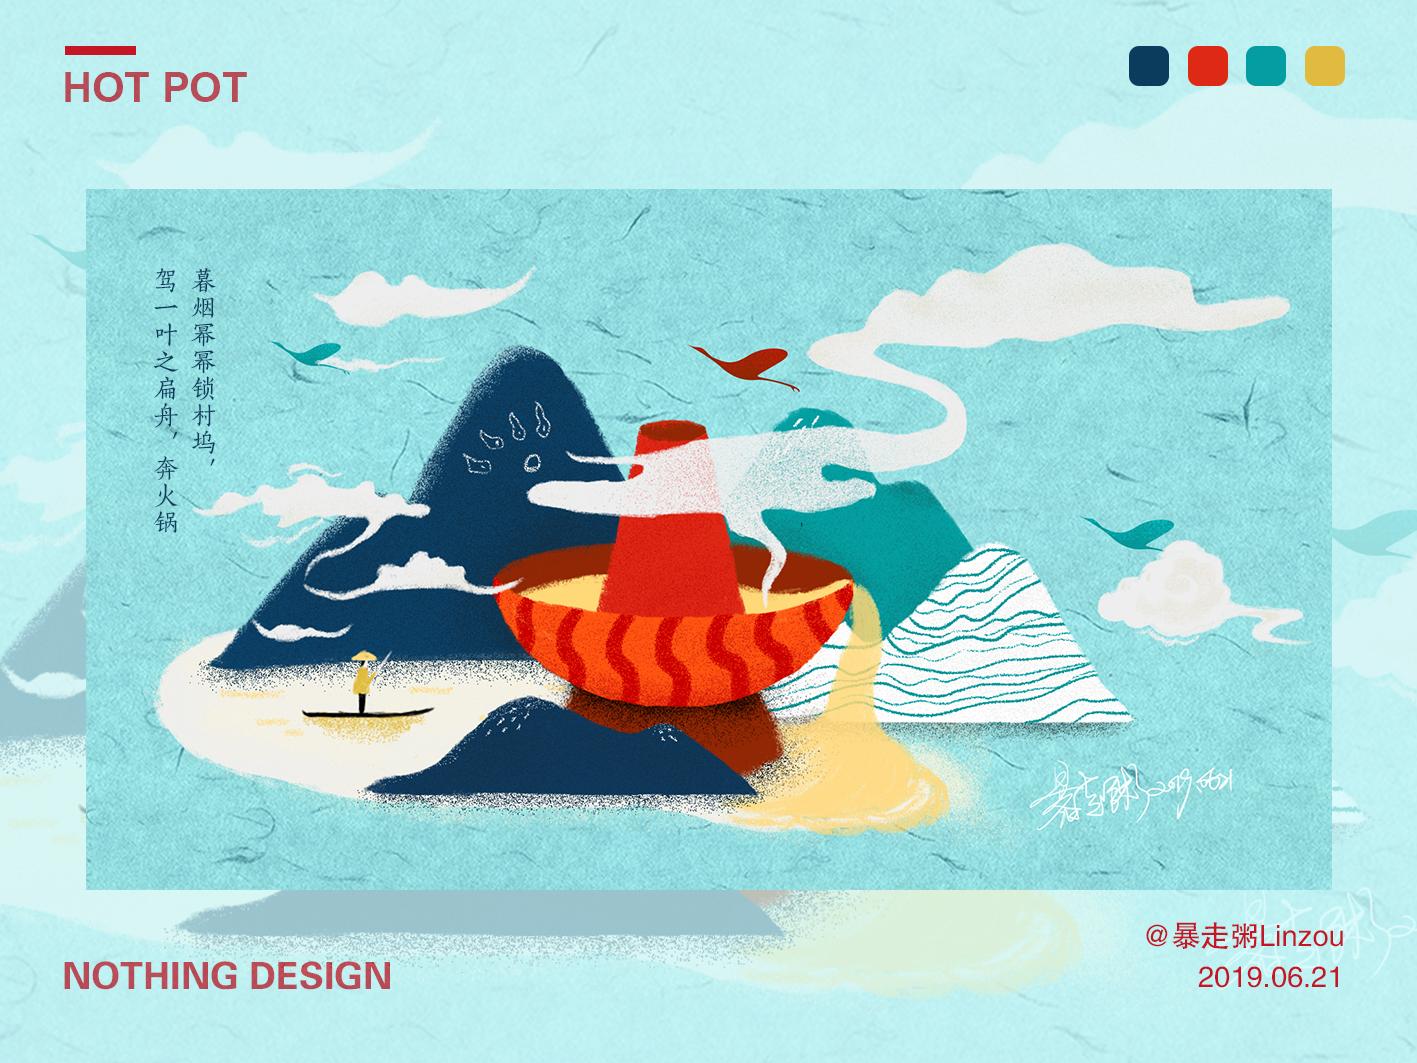 驾一叶扁舟 奔火锅 color 火锅 设计 illustration design 插画